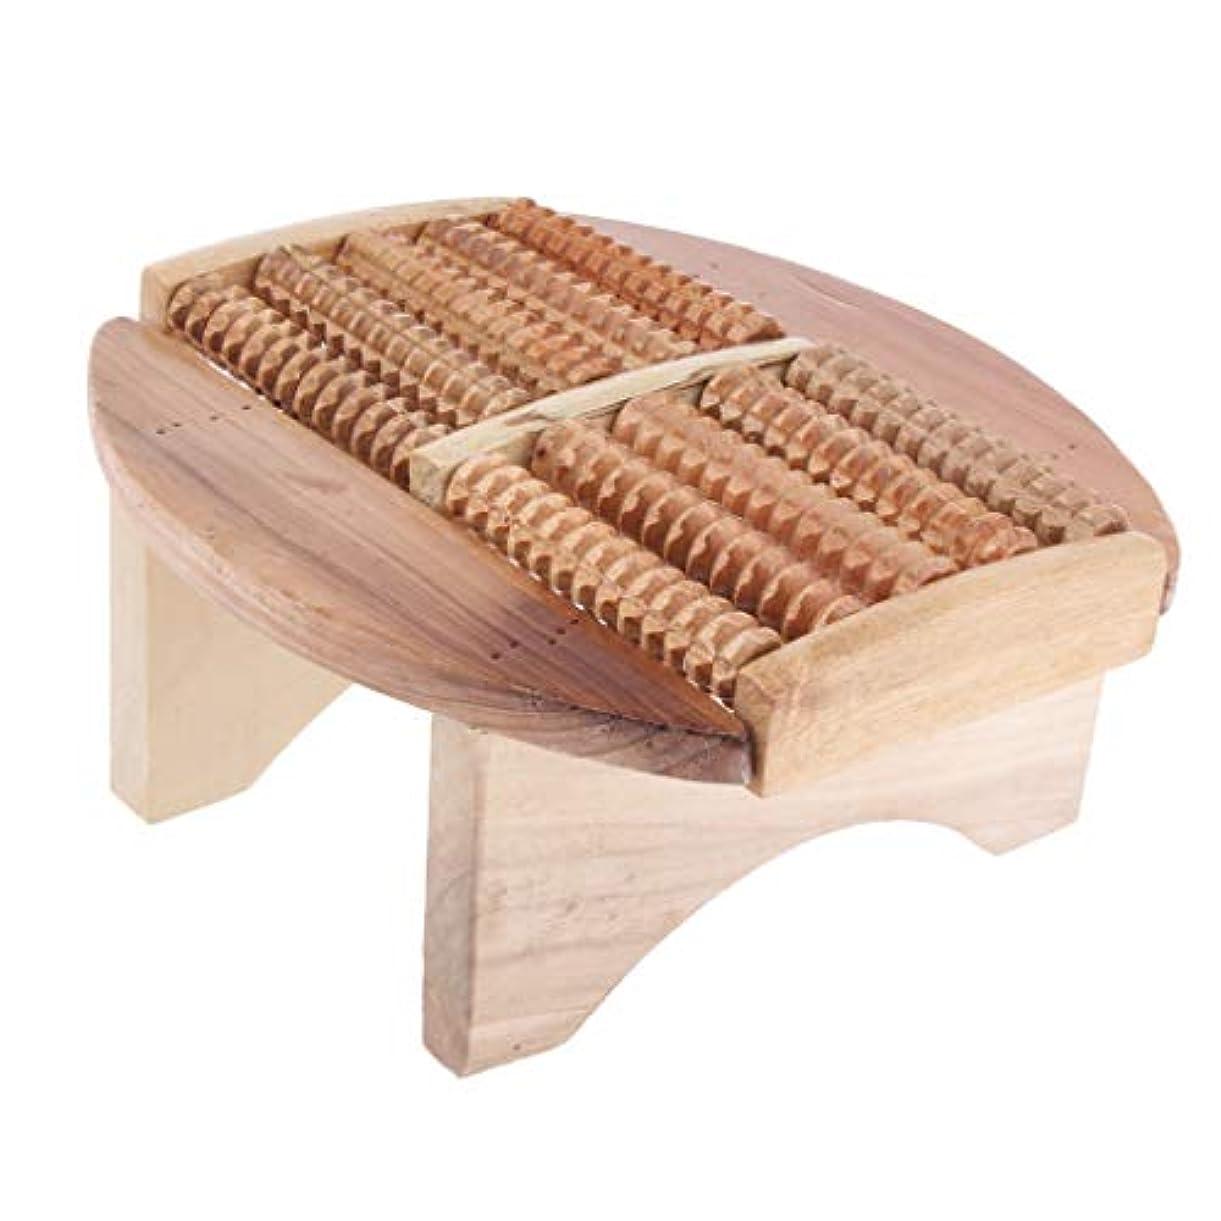 アーク恐ろしいですラップトップBaoblaze フットマッサージスツール 木製 足湯ステップ マッサージ スツール SPA